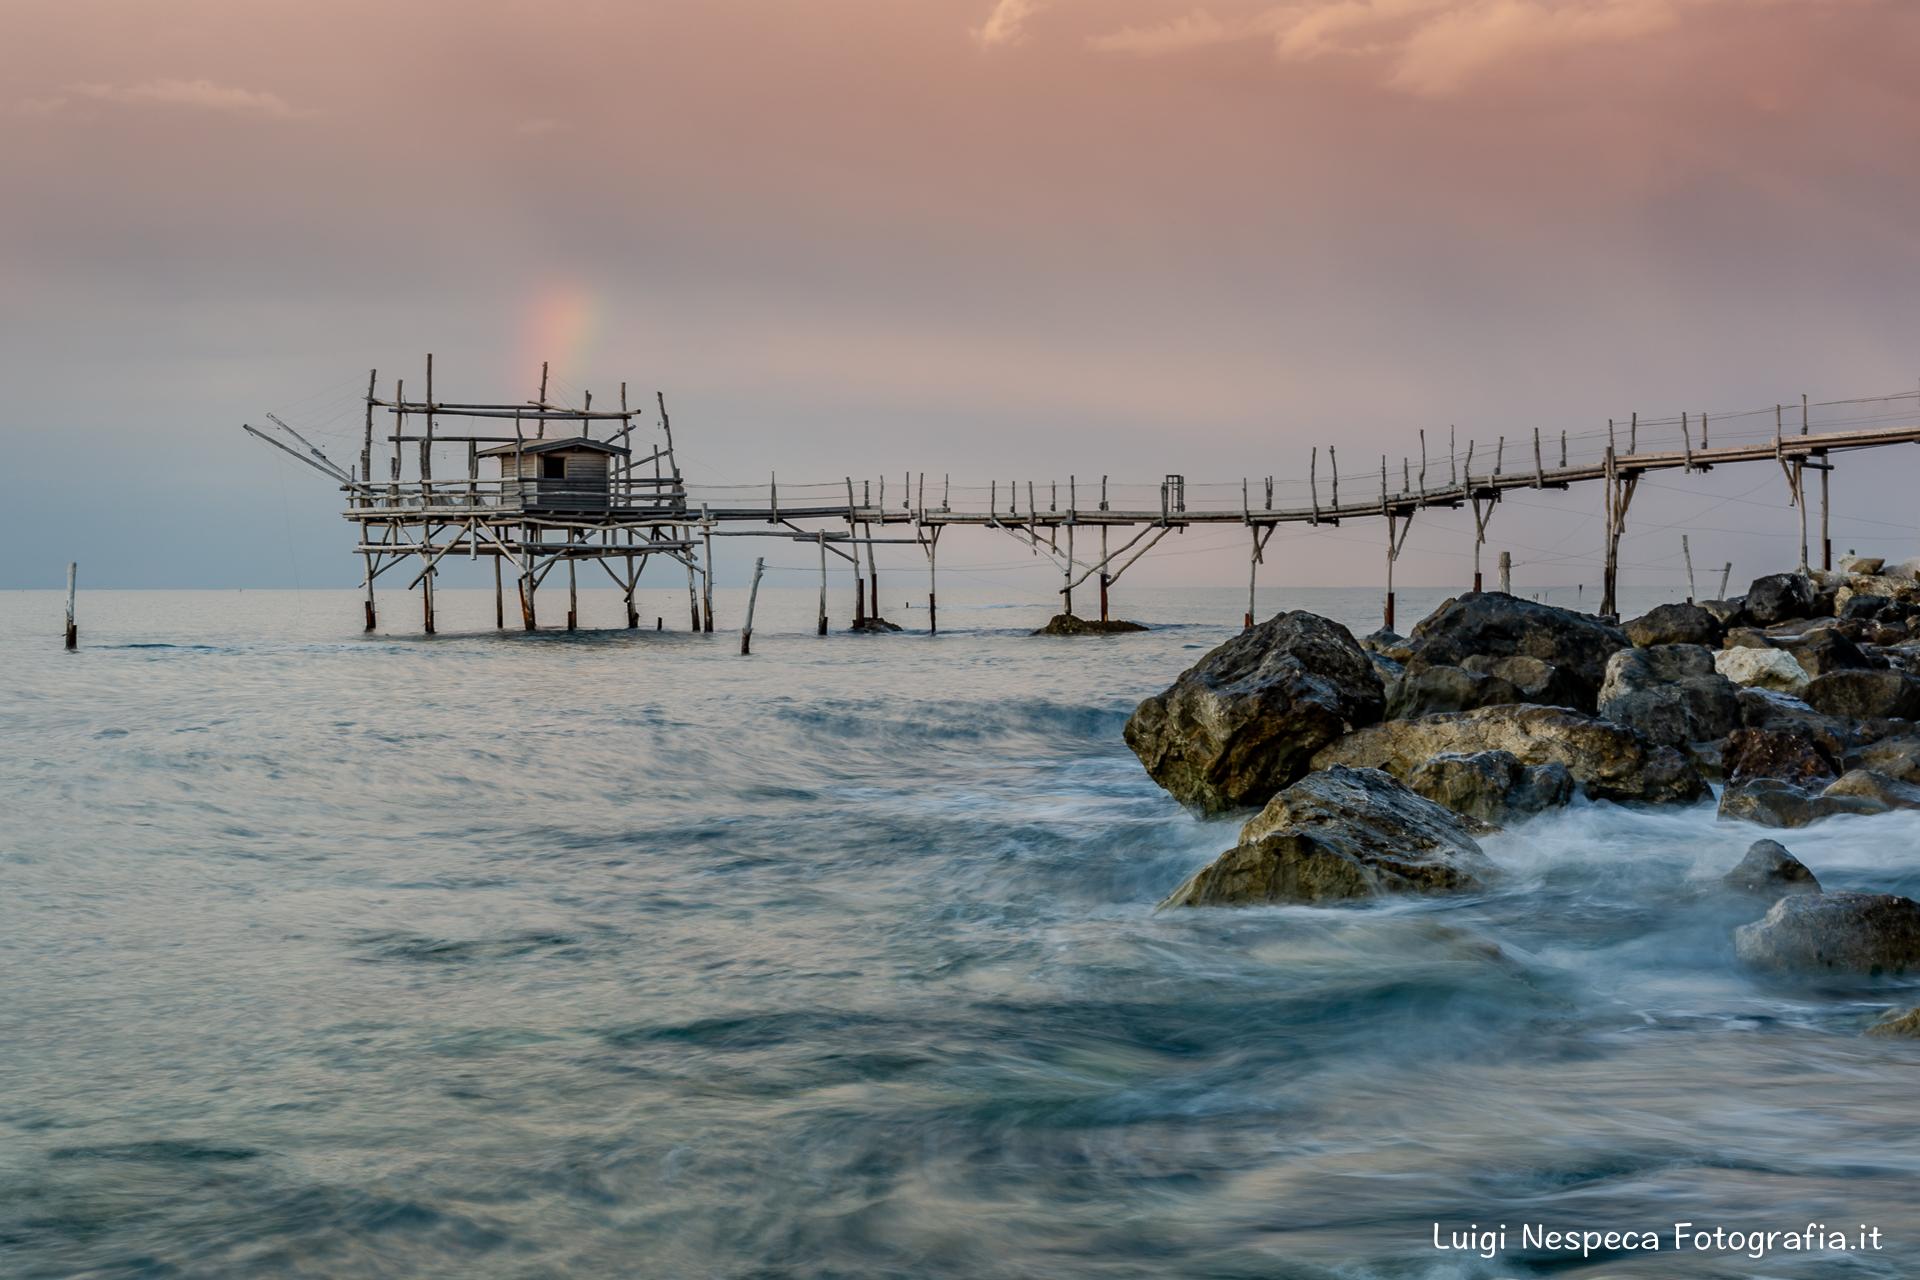 Costa dei Trabocchi: tramonto estivo al Trabocco Turchino - San Vito (CH)